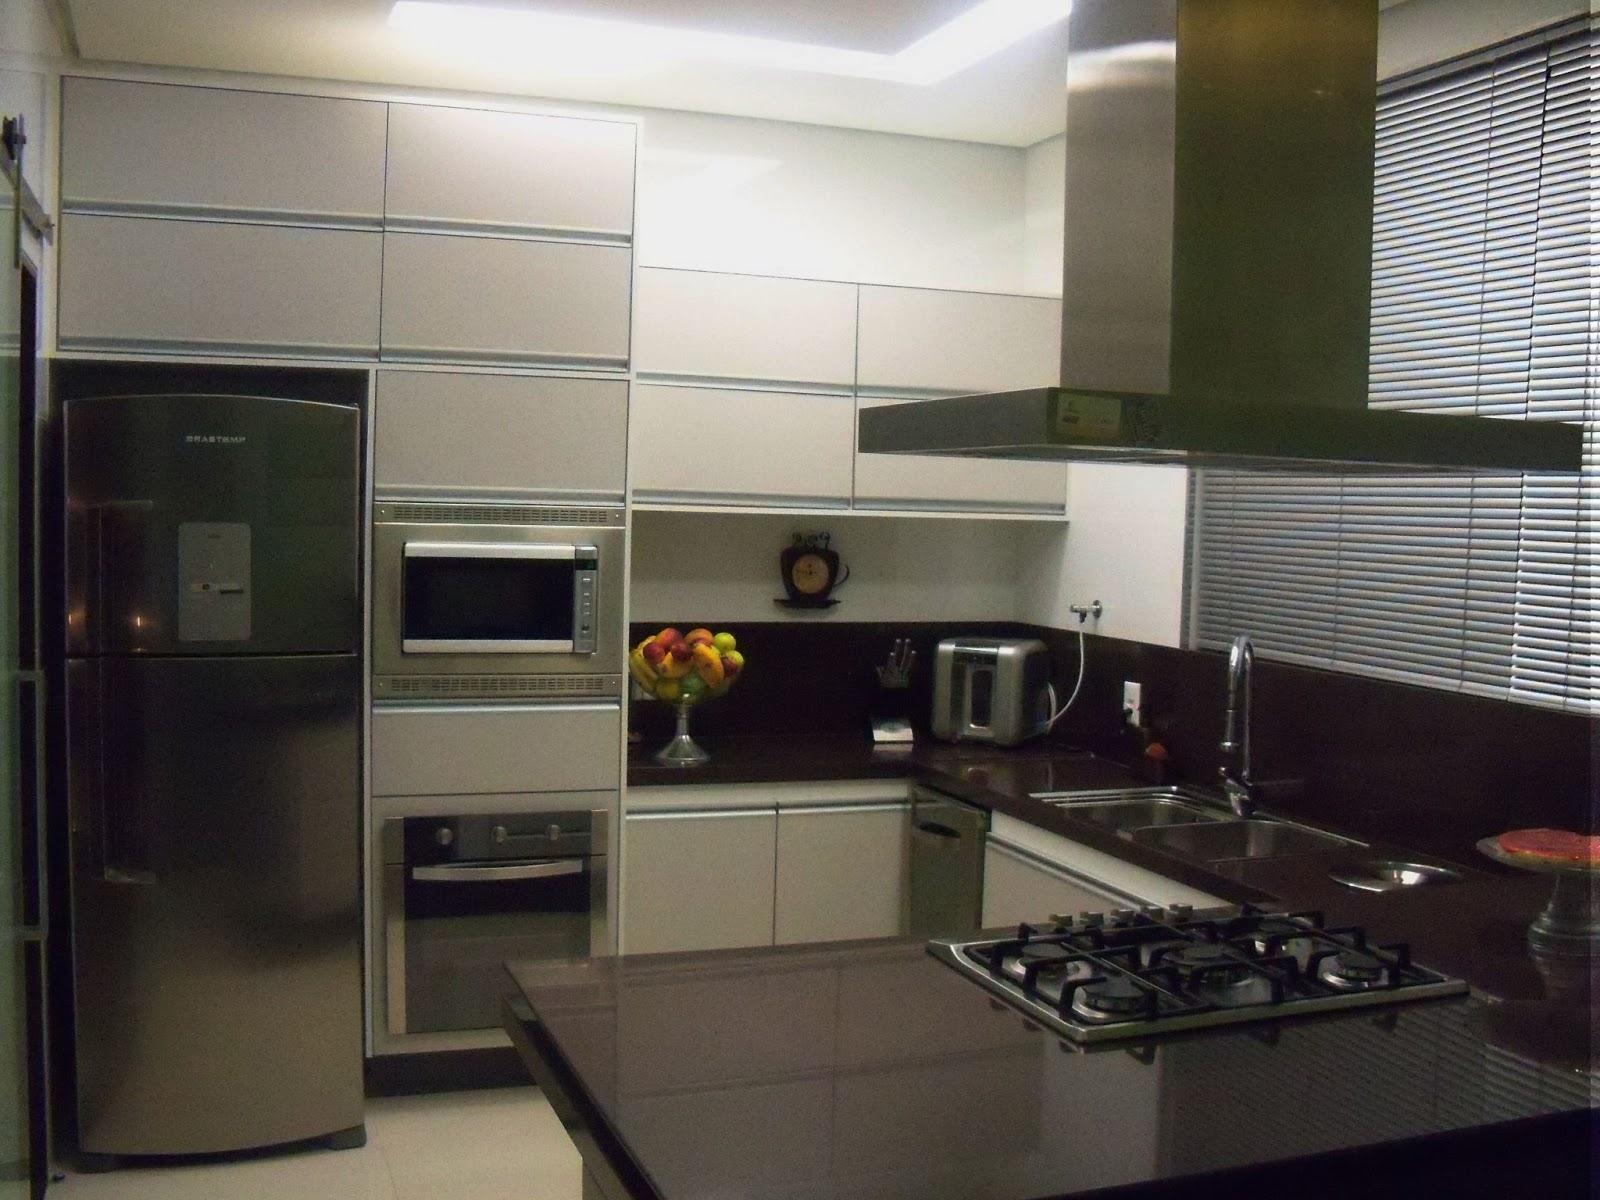 #5B4E3D Renata Ferreira: Projeto de Cozinha 1600x1200 px Projetos De Cozinha Mdf #365 imagens